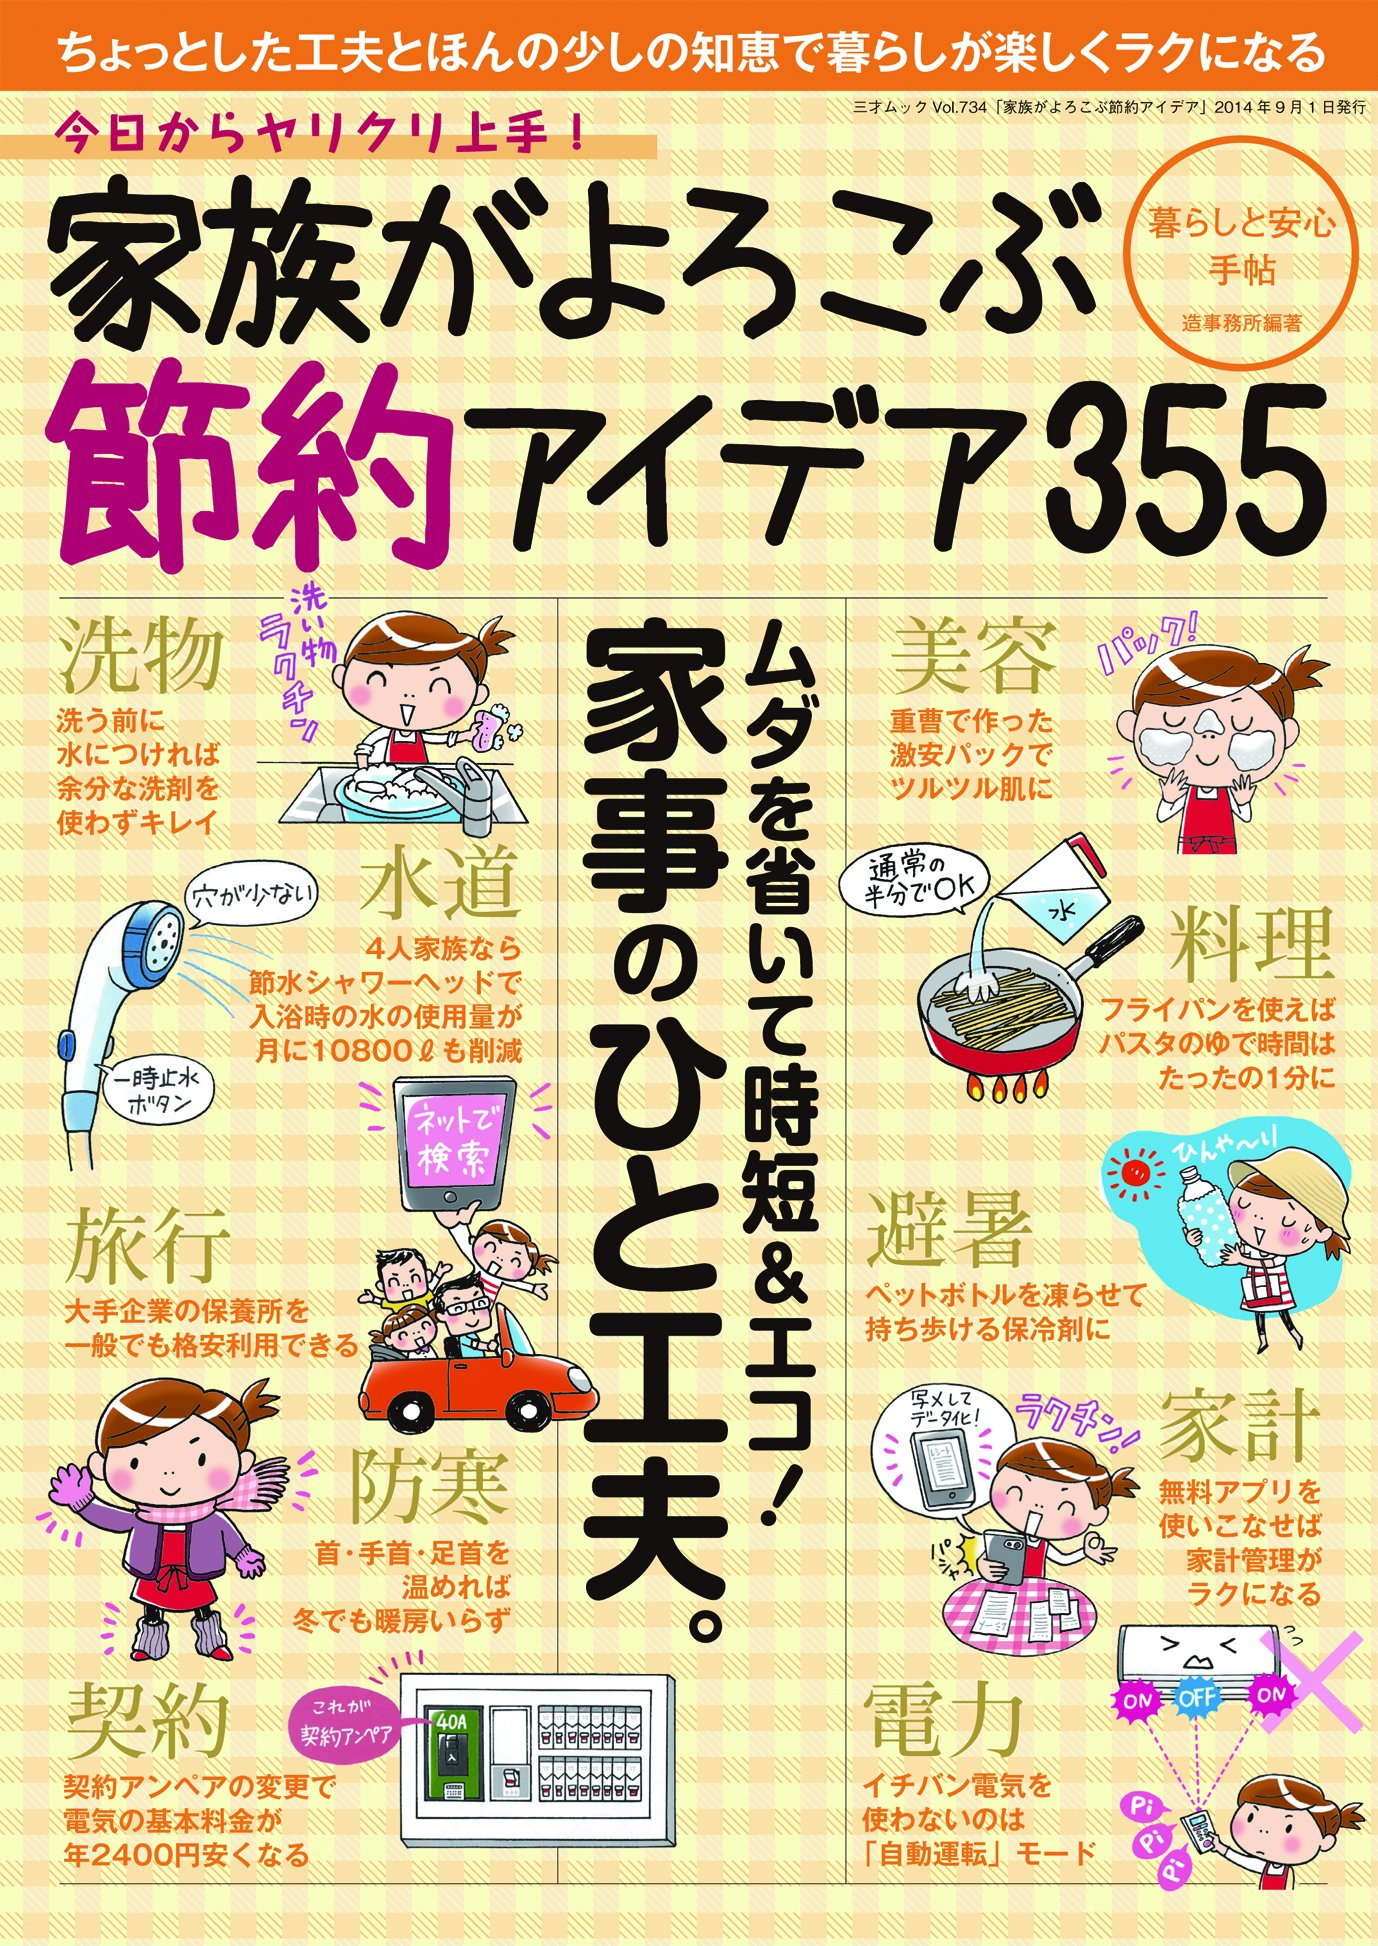 Kazoku ga yorokobu setsuyaku aidea sanbyakugojugo : Kaji no hitokufu : Muda o habuite jitan ando eko. pdf epub